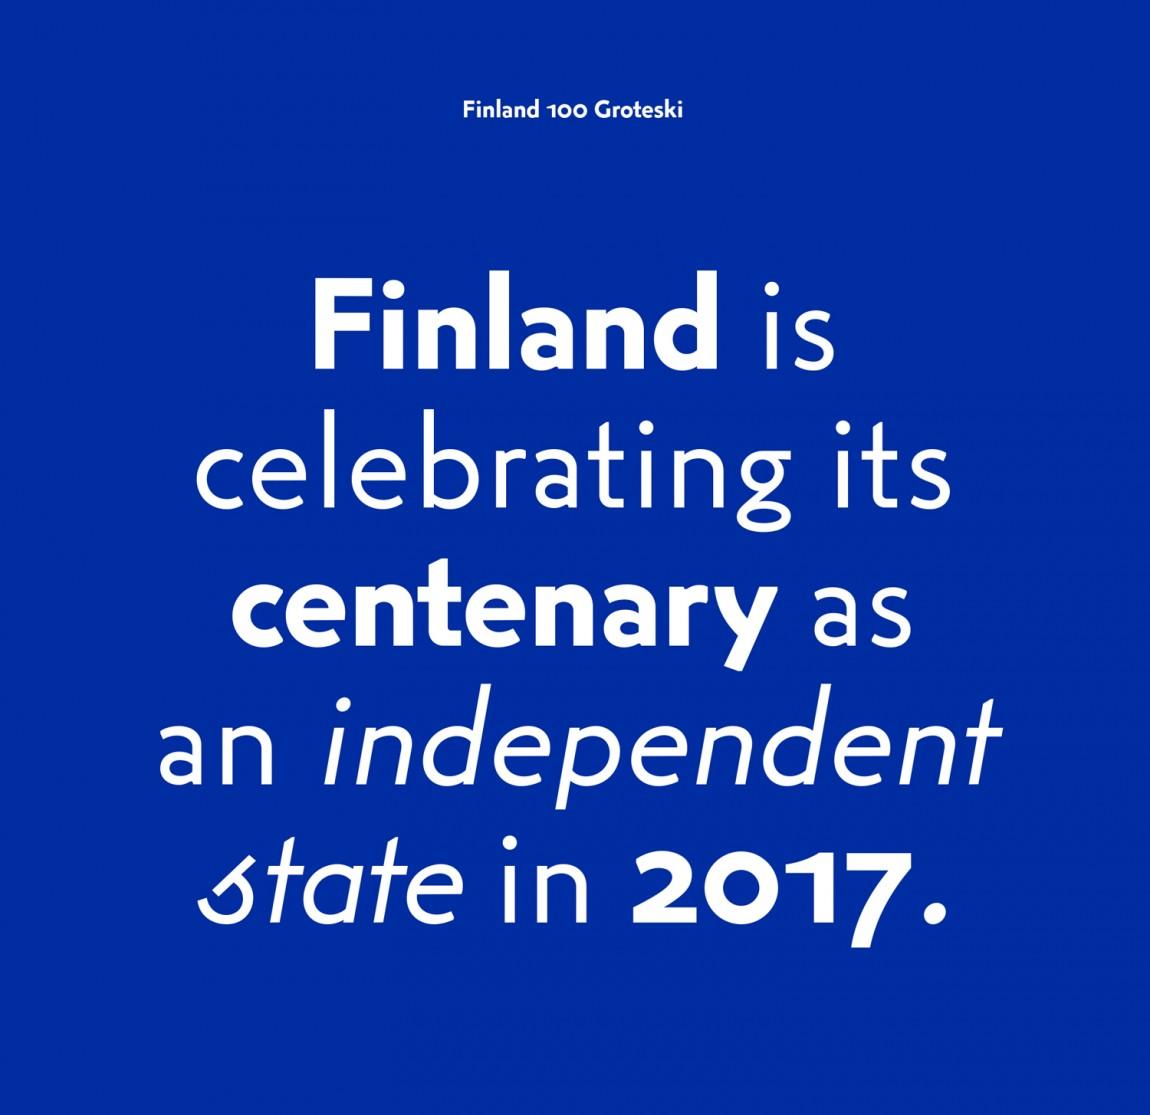 芬兰100周年活动城市品牌形象设计, 海报设计